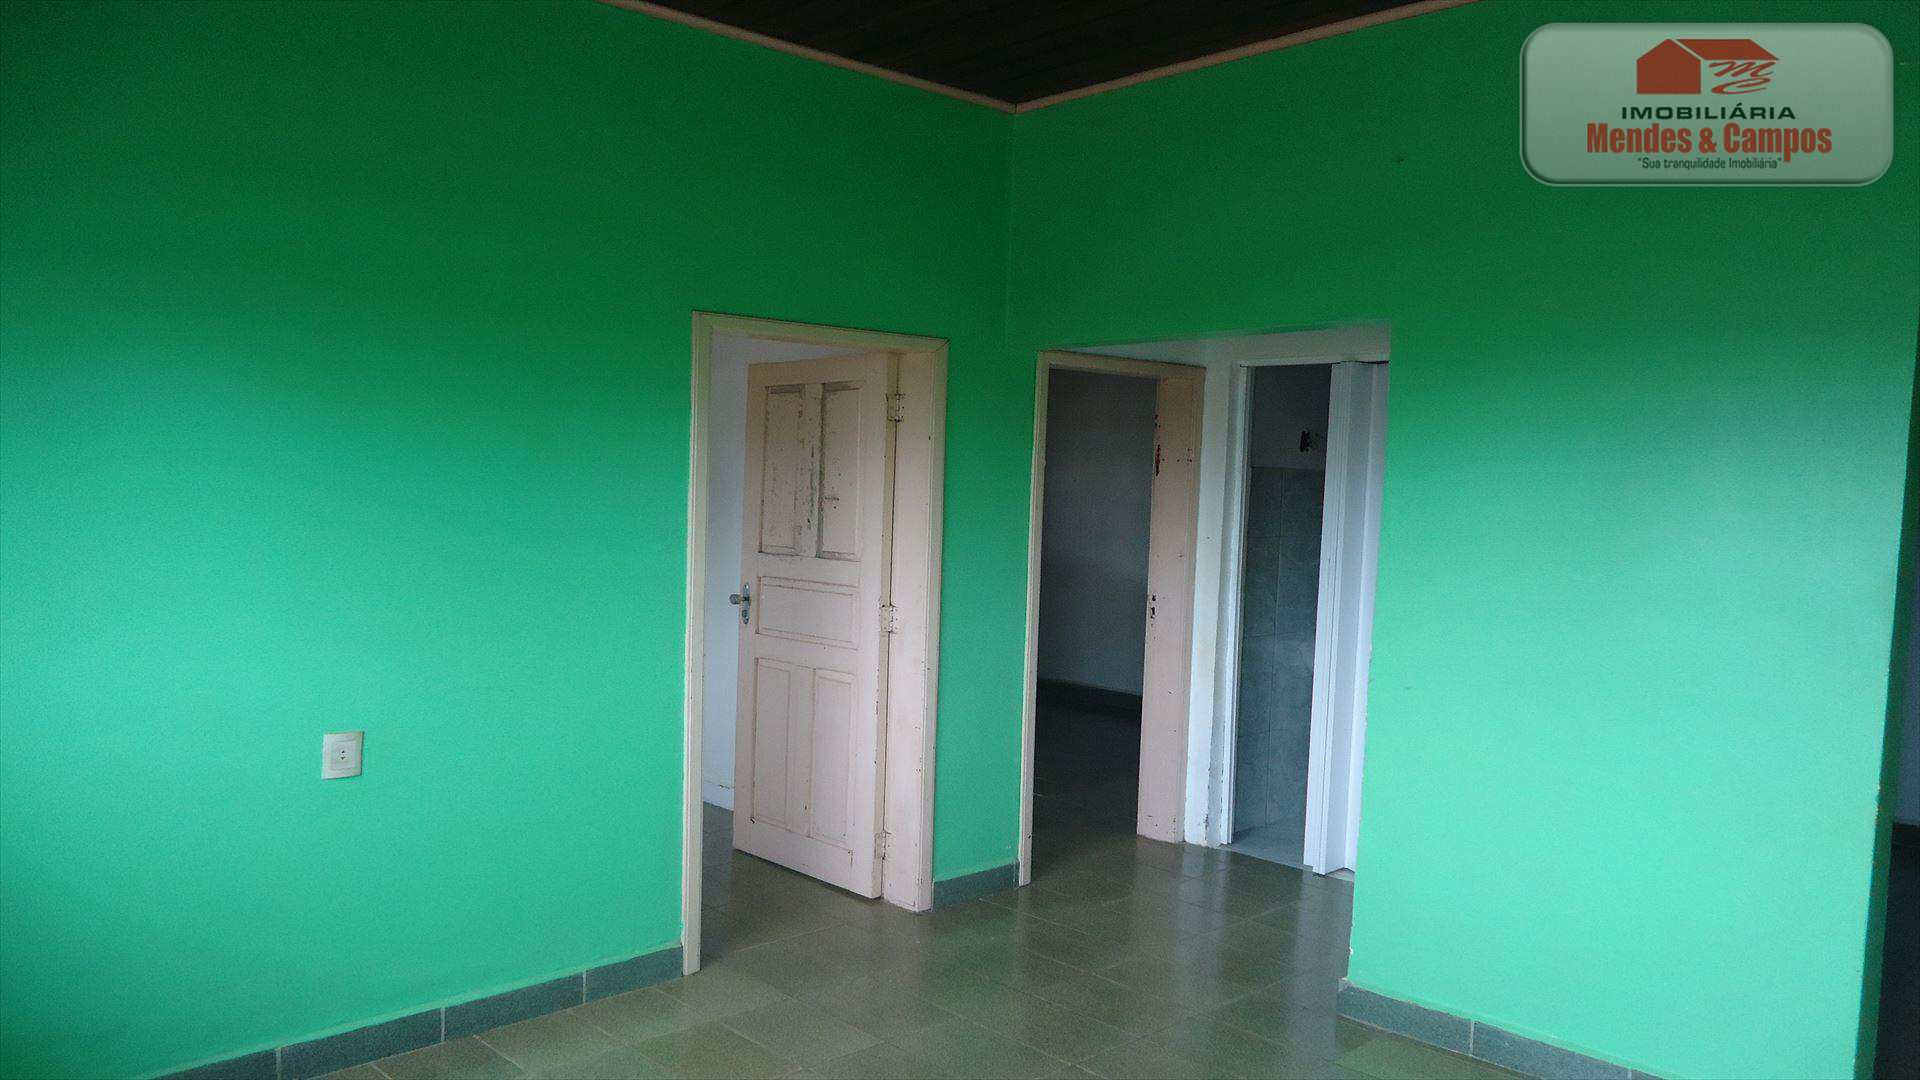 Rua Paranavai nº 4040 Setor 09, Cod: 433